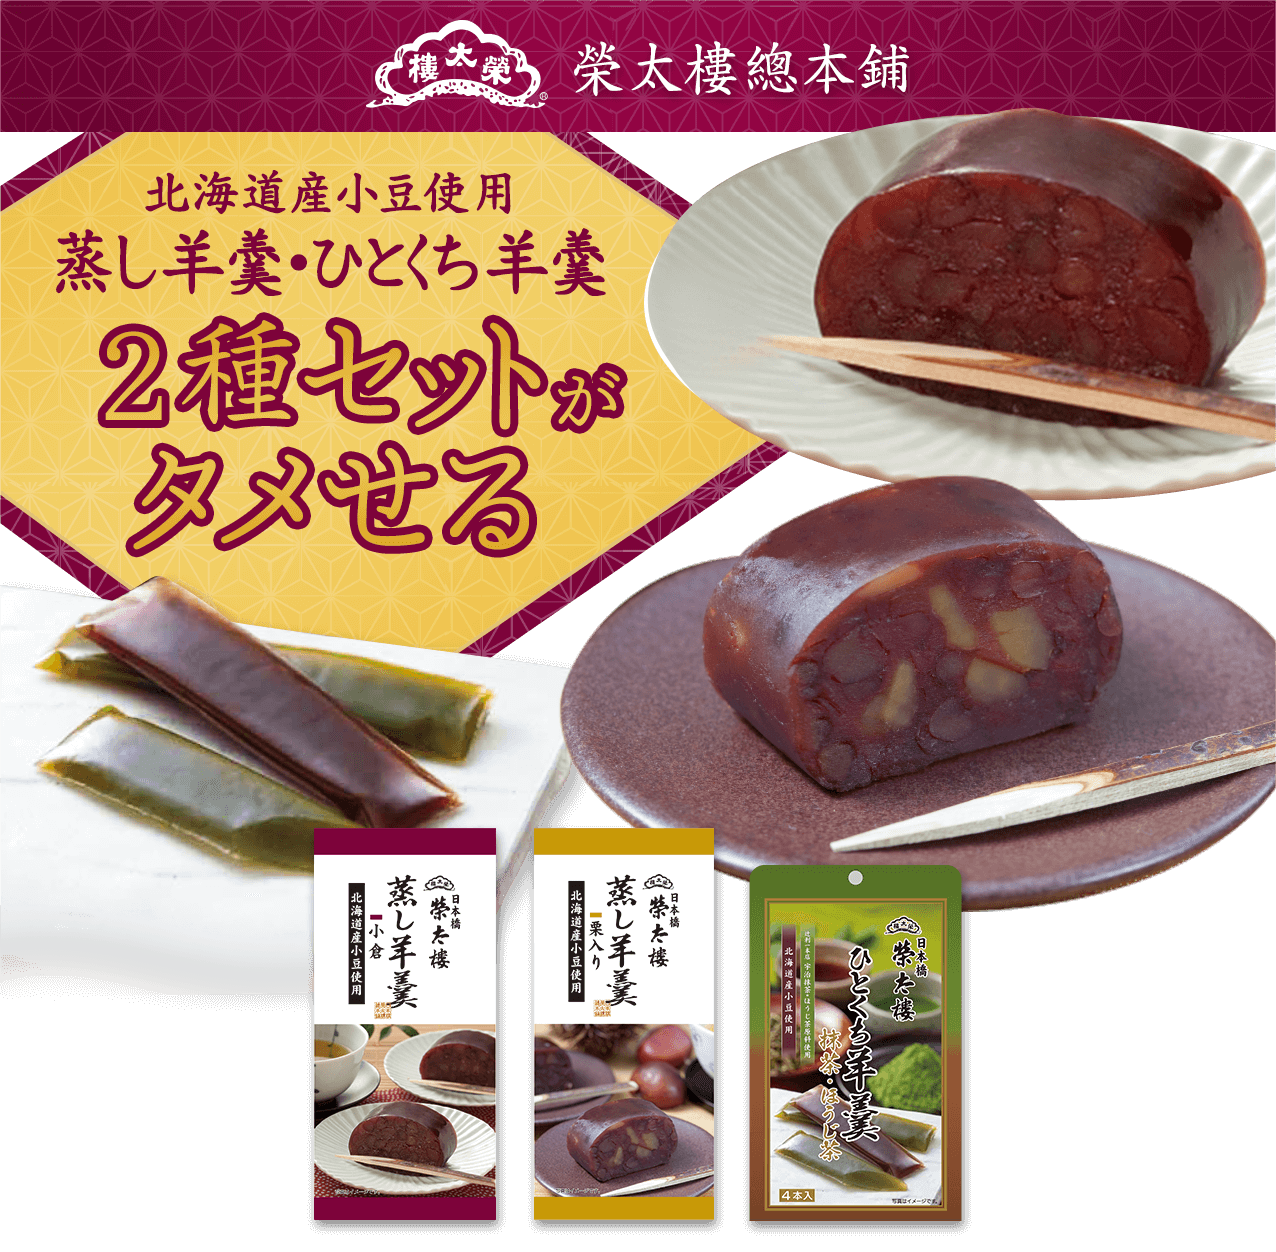 榮太樓總本鋪 北海道産小豆使用 蒸し羊羹 2種セットがタメせる